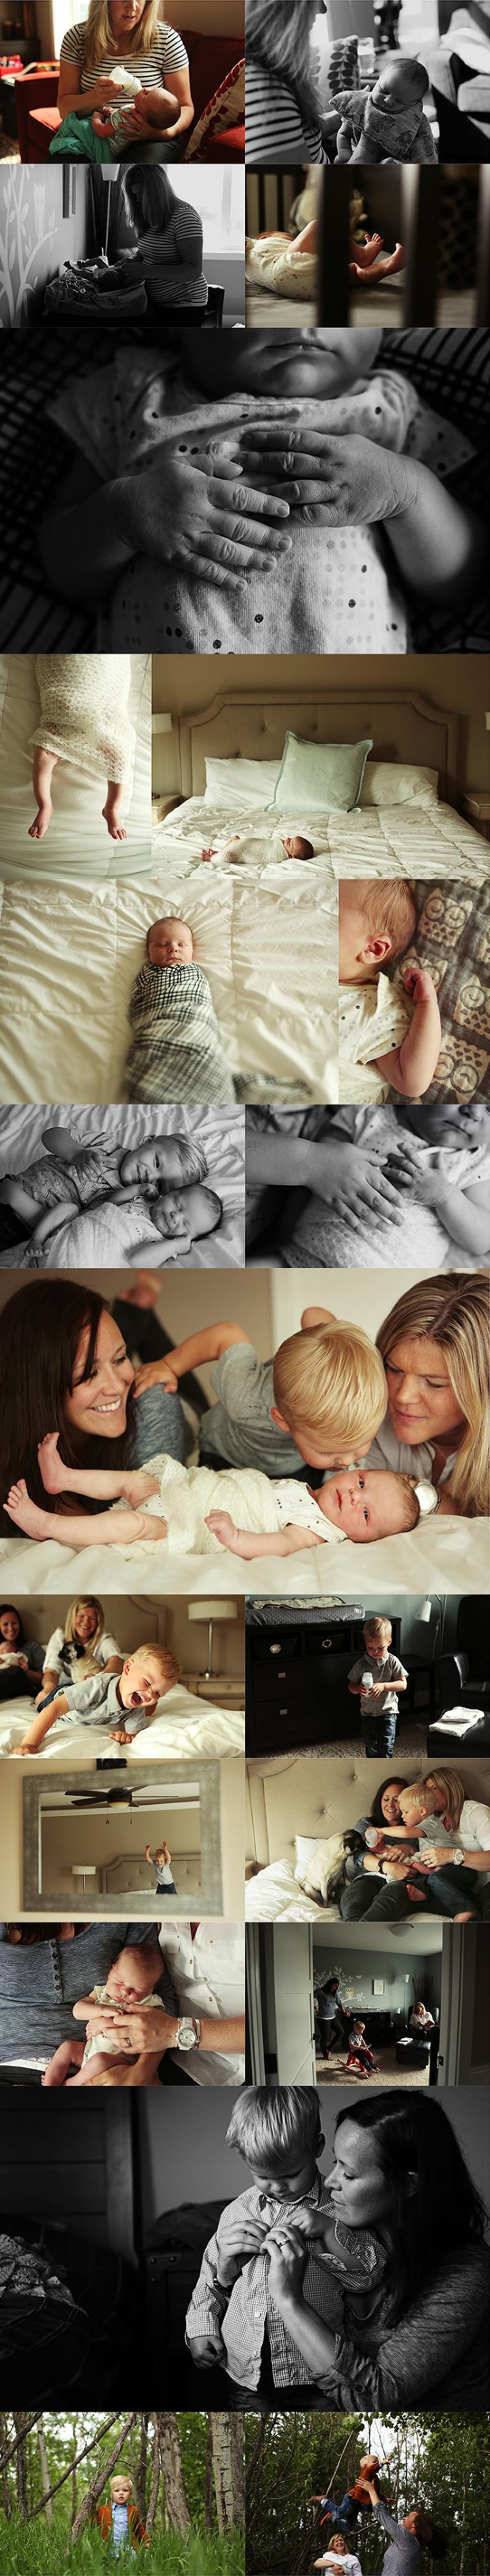 edmonton_newborn_photographer-3